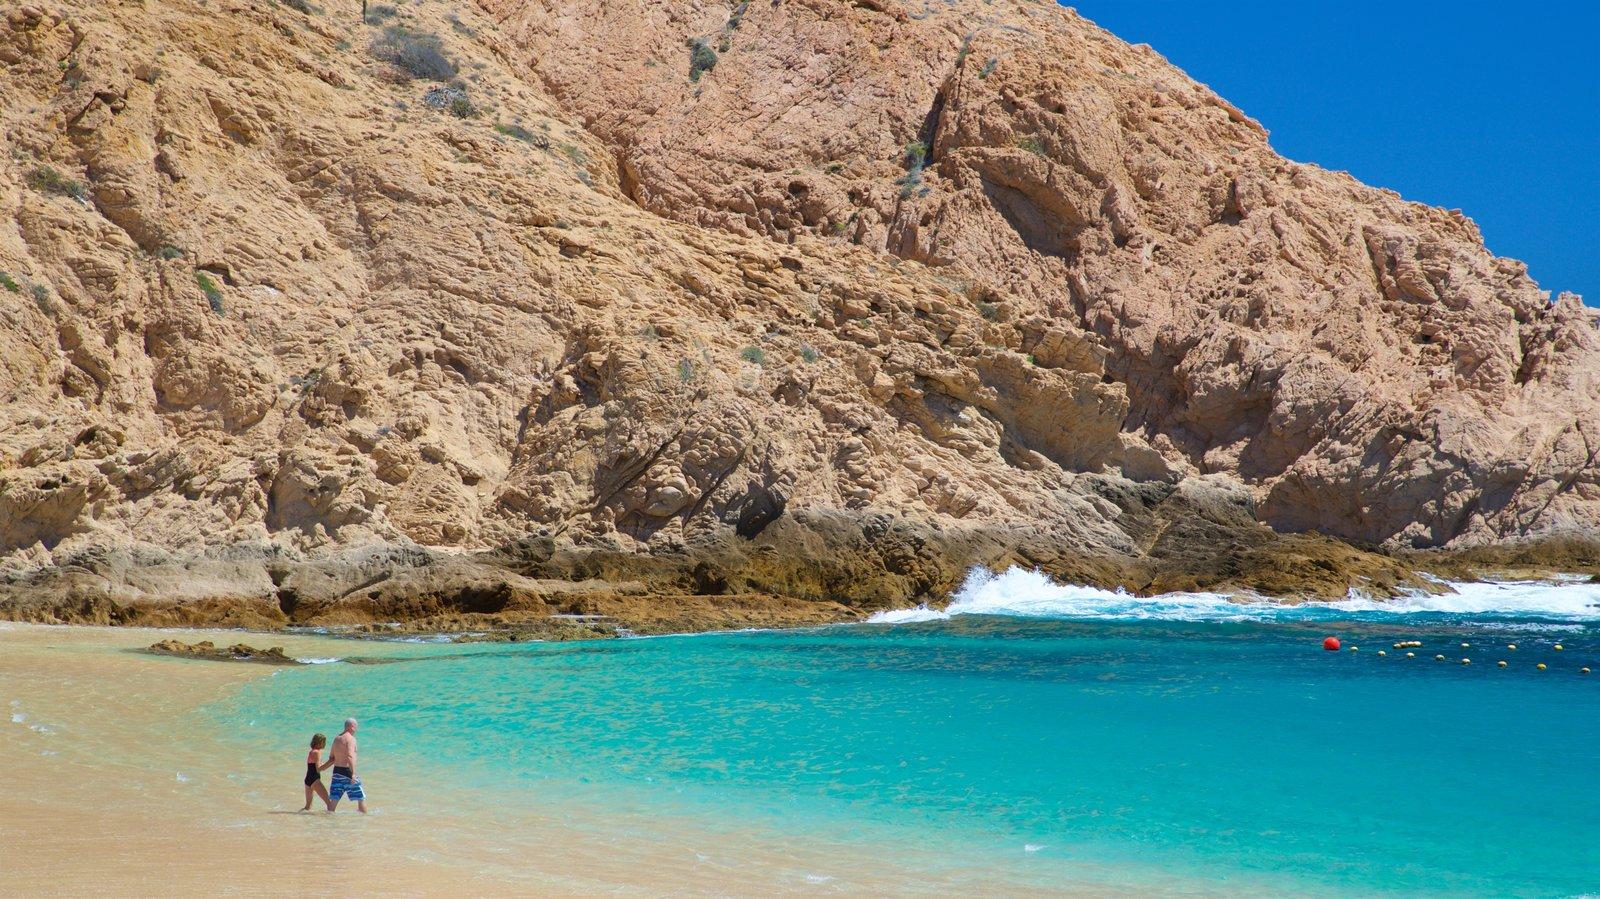 Santa Maria Beach showing a sandy beach, rugged coastline and general coastal views